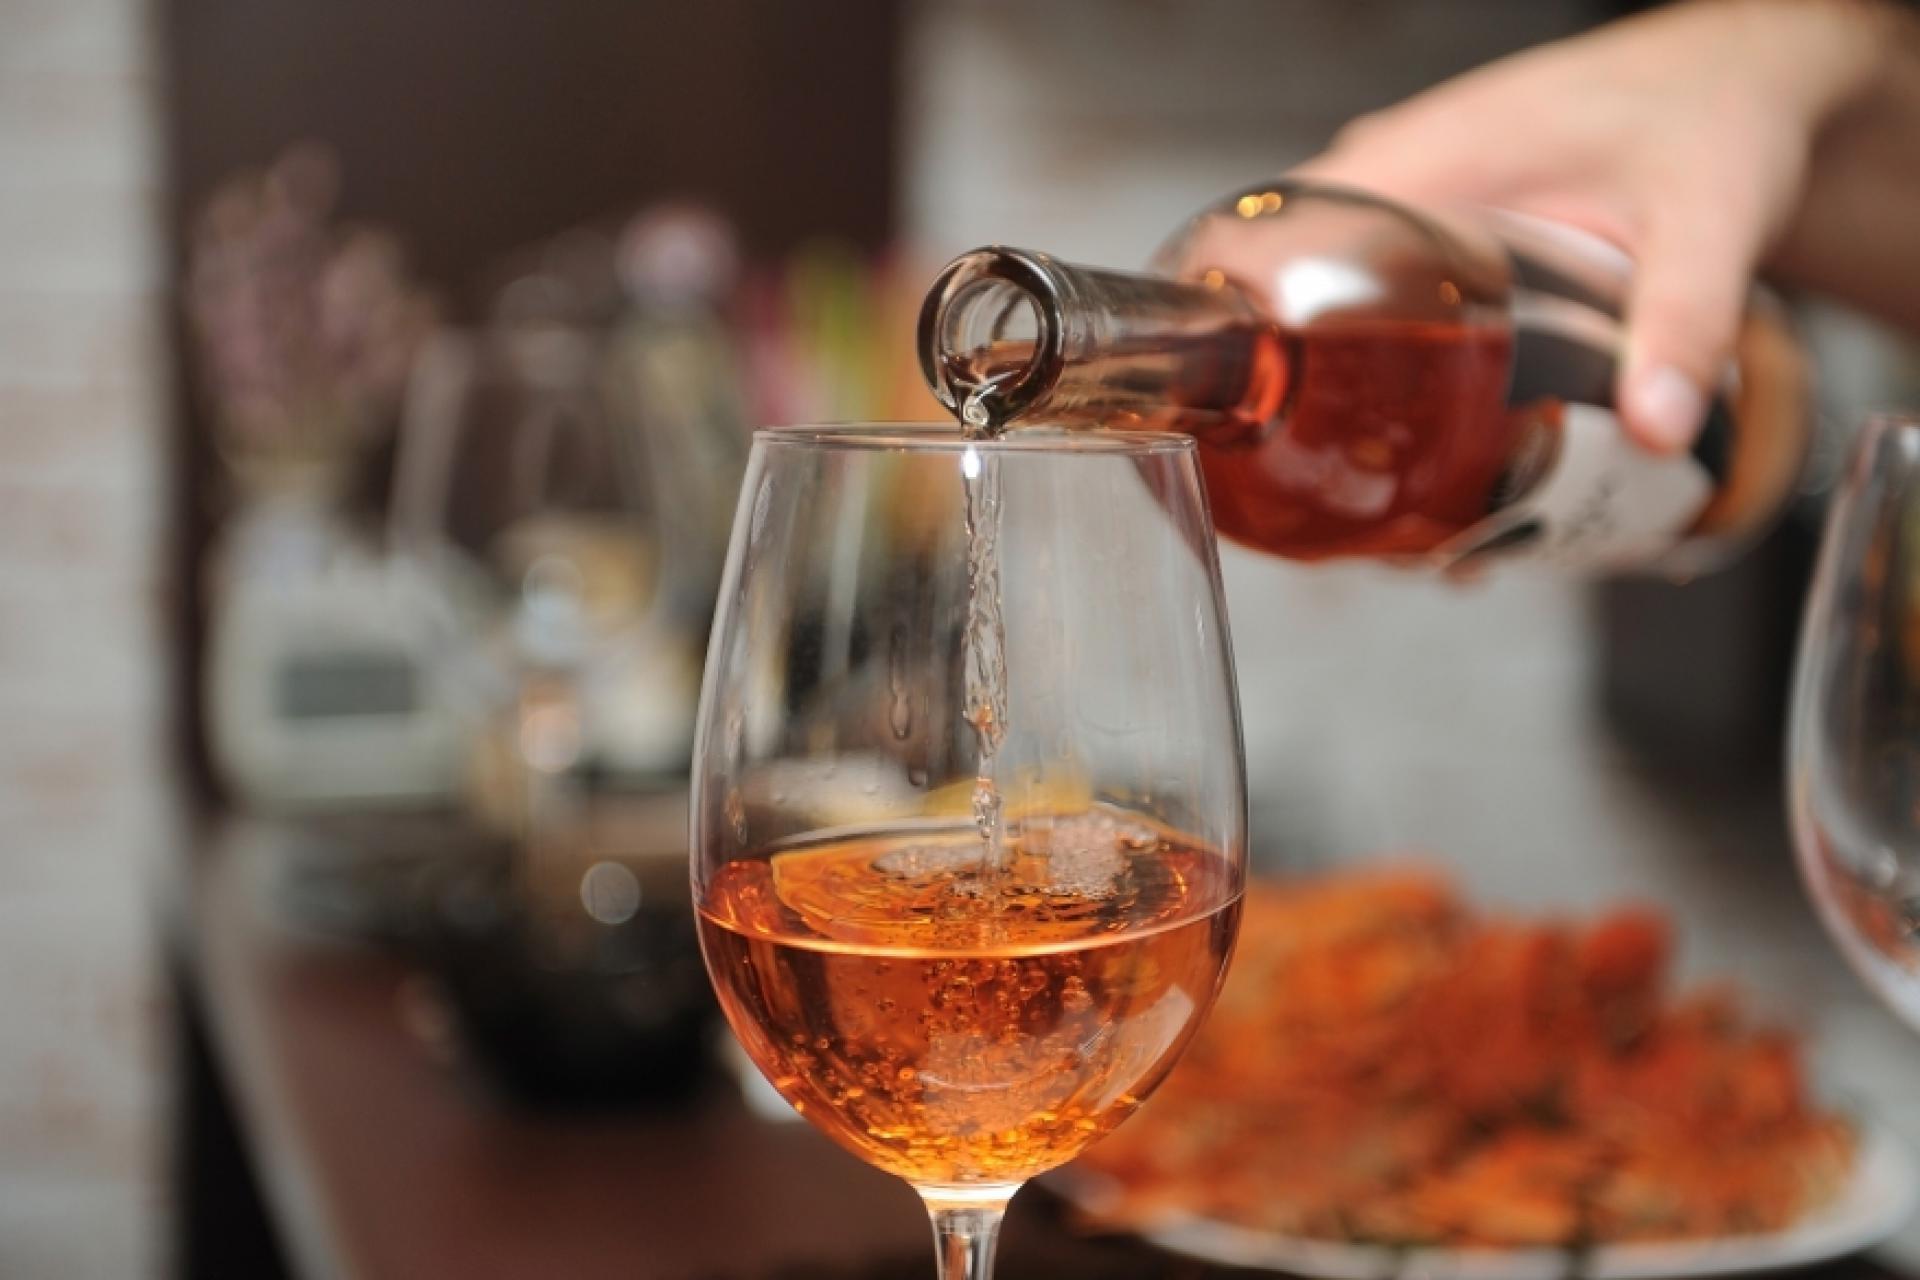 Строго говоря, алкоголь в этот праздник не возбраняется. Весь вопрос в дозировке